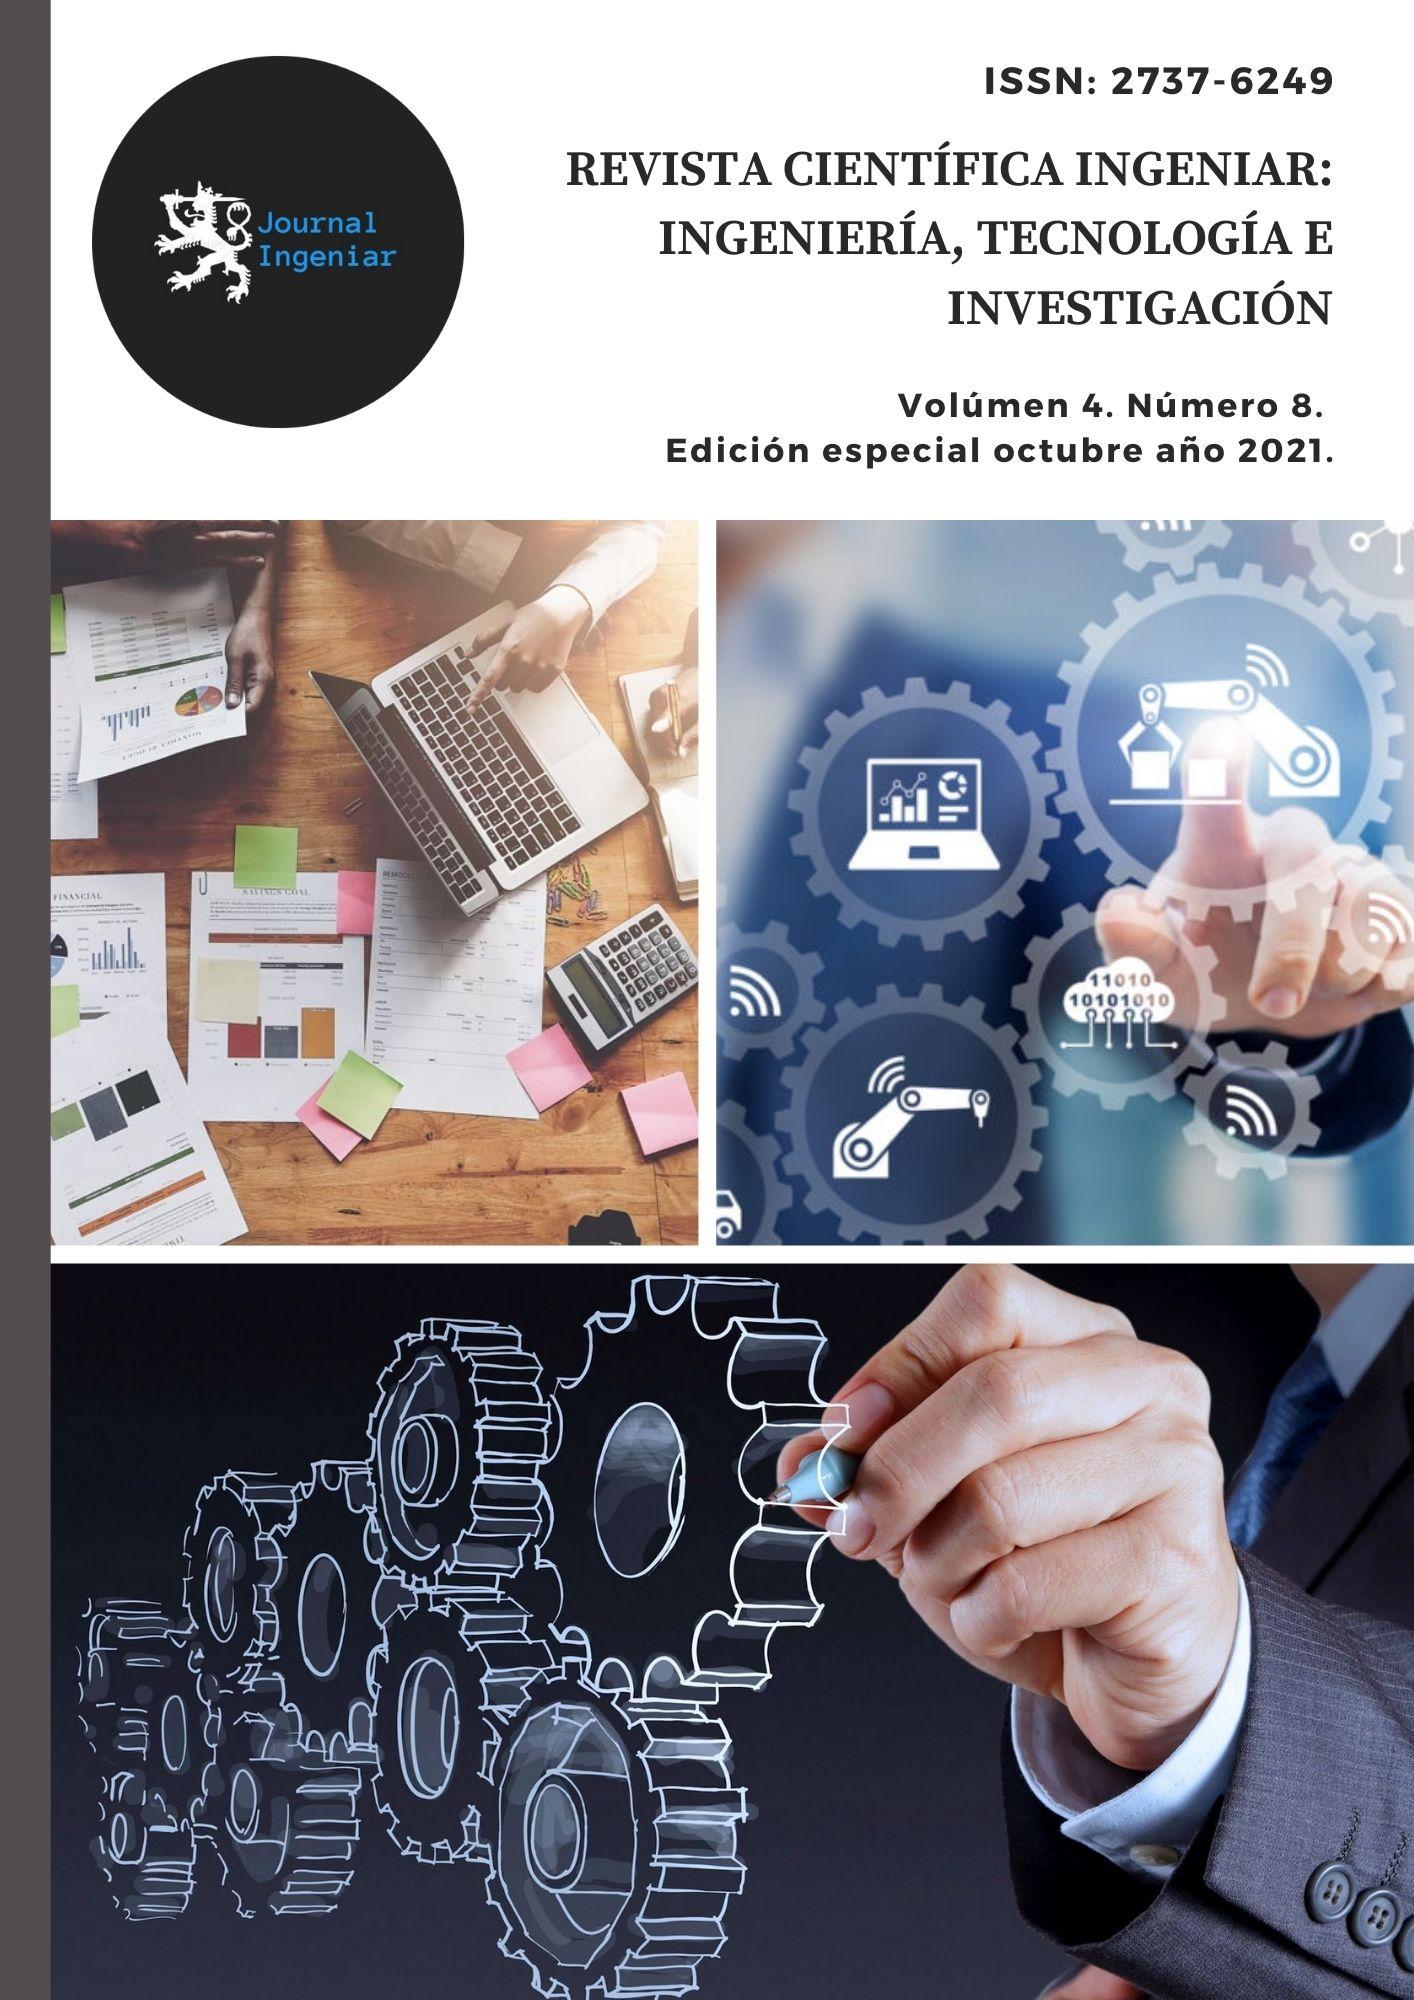 Ver Vol. 4 Núm. 8 Ed. esp. (2021): Revista Científica INGENIAR: Ingeniería, Tecnología e Investigación (Edición especial octubre 2021)